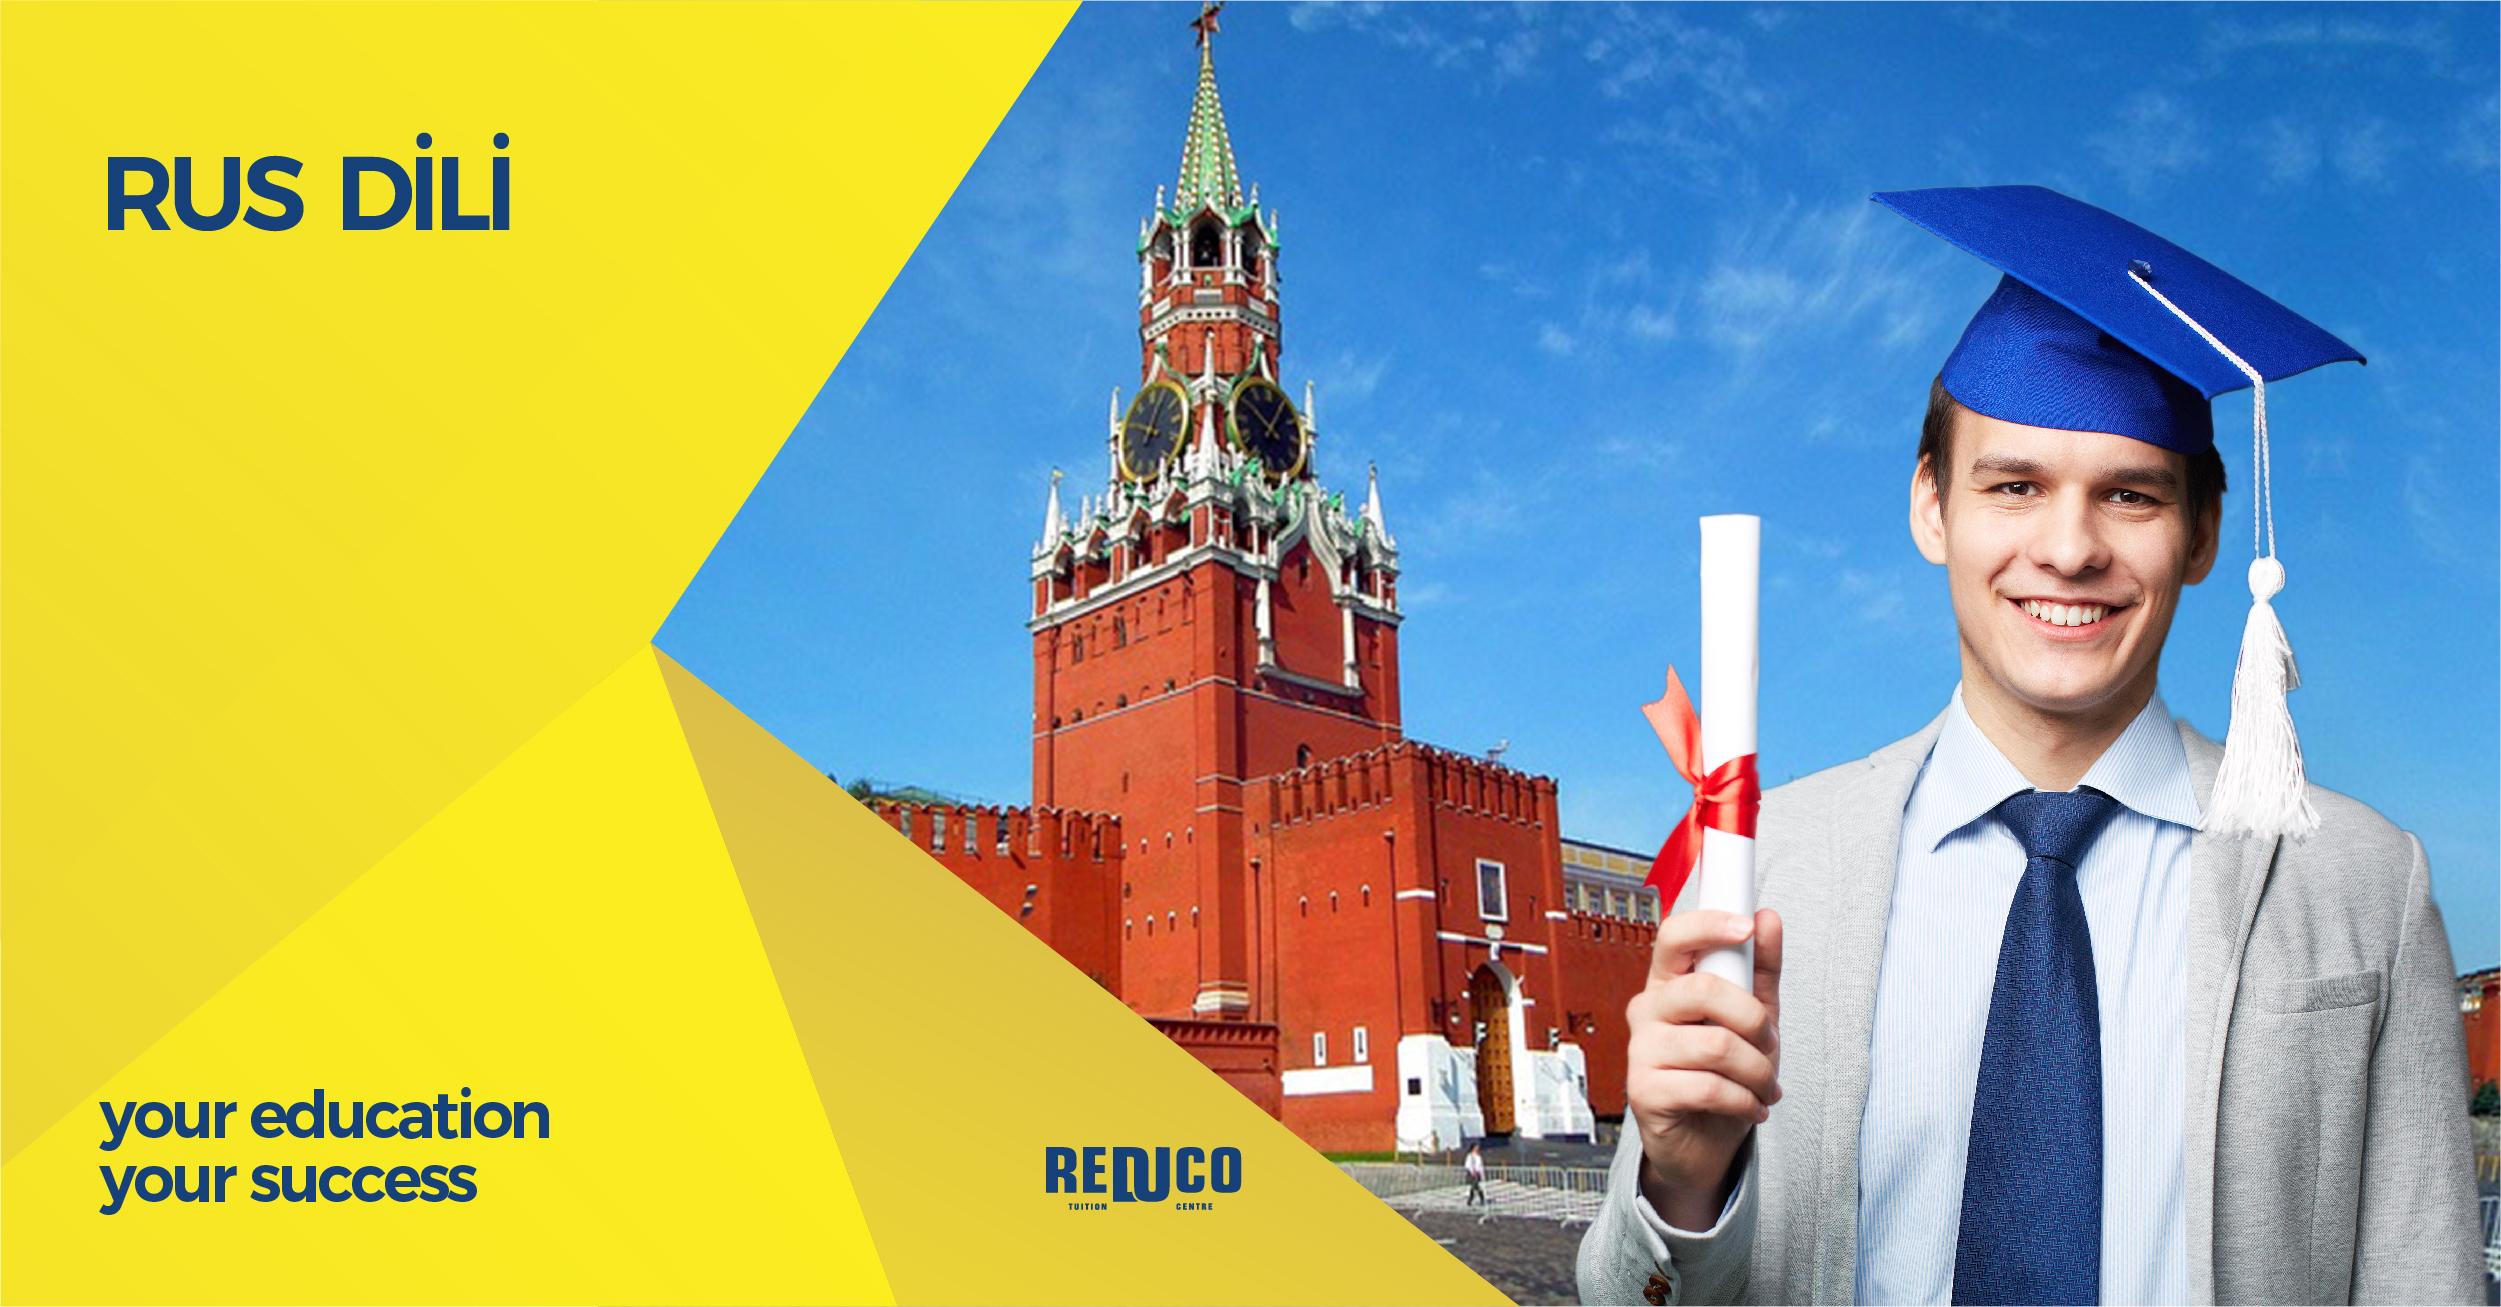 reduco Rus dili